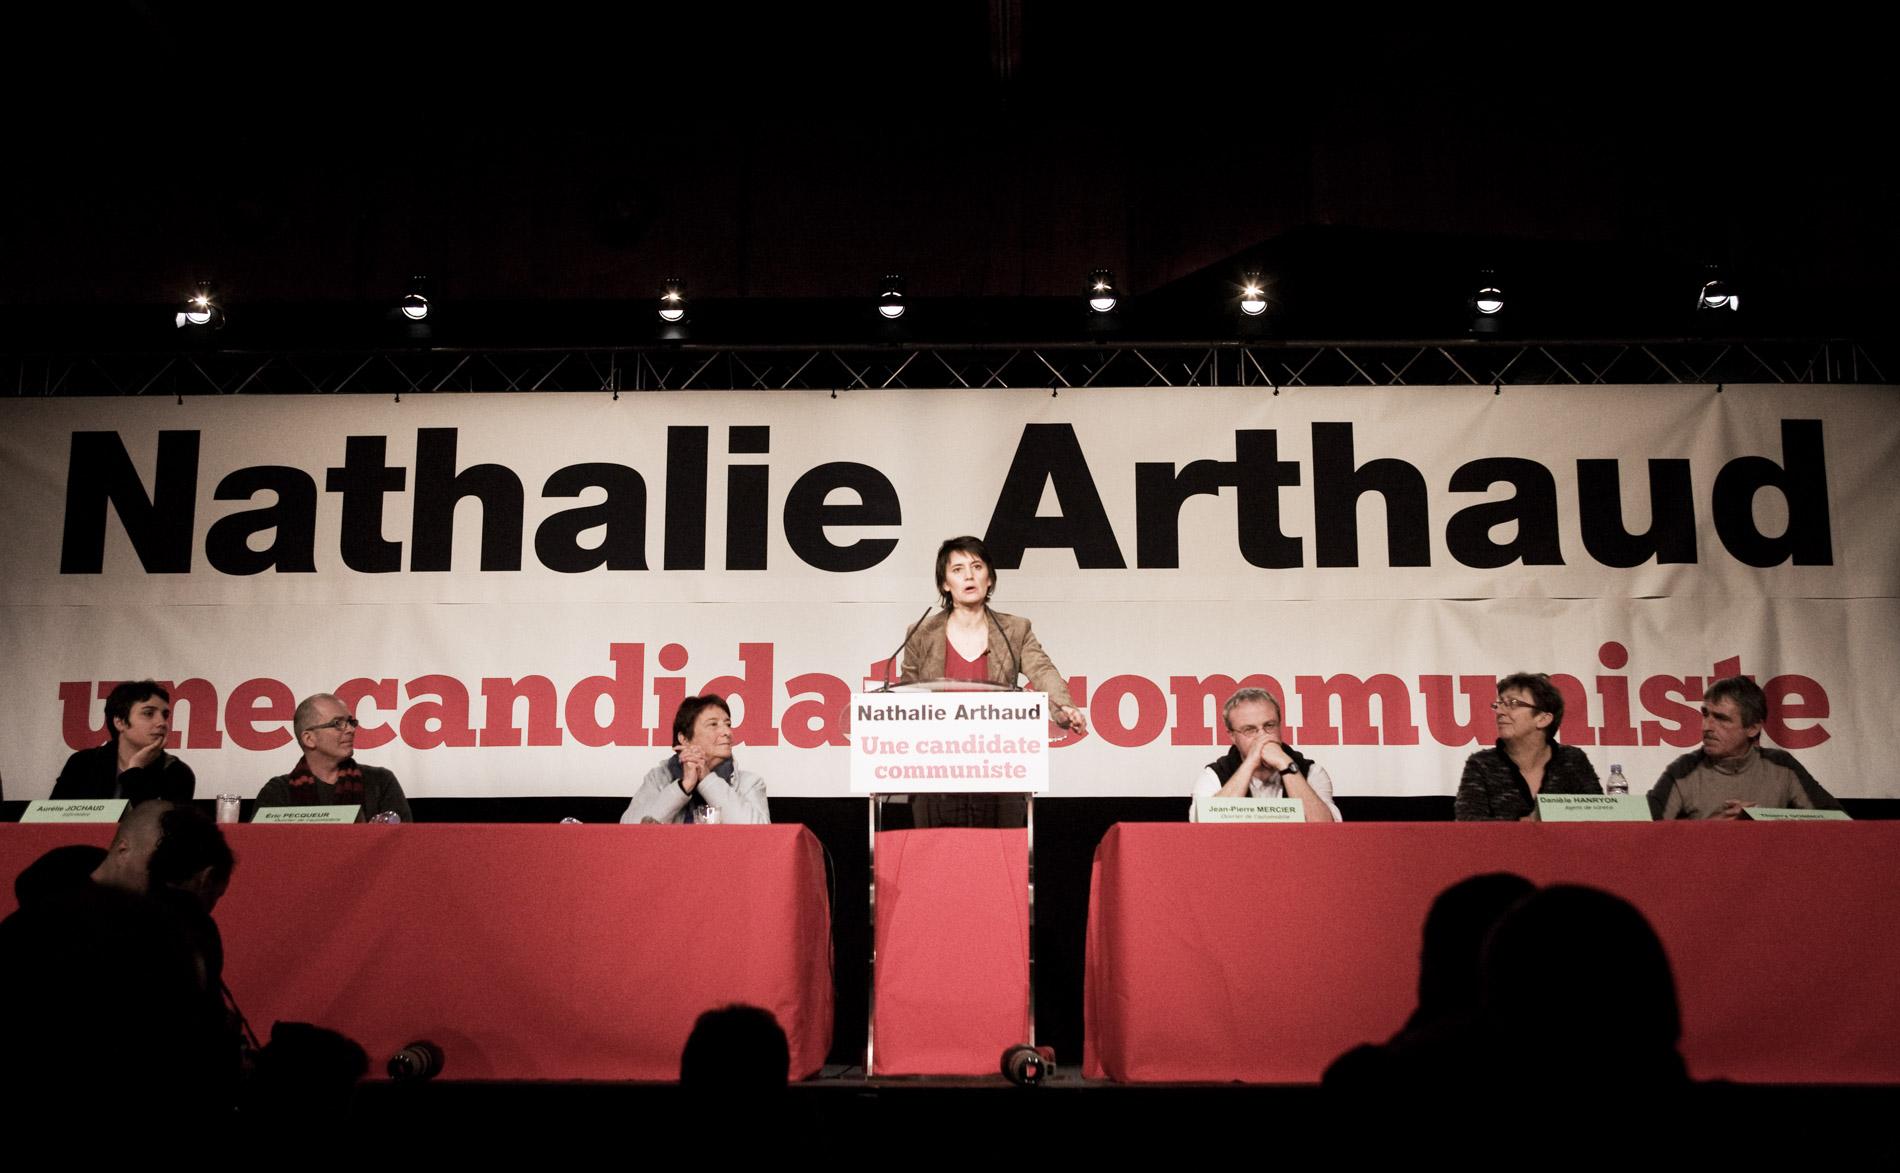 Meeting de Nathalie Arthaud, porte parole de Lutte Ouvriere avec Arlette Laguiller